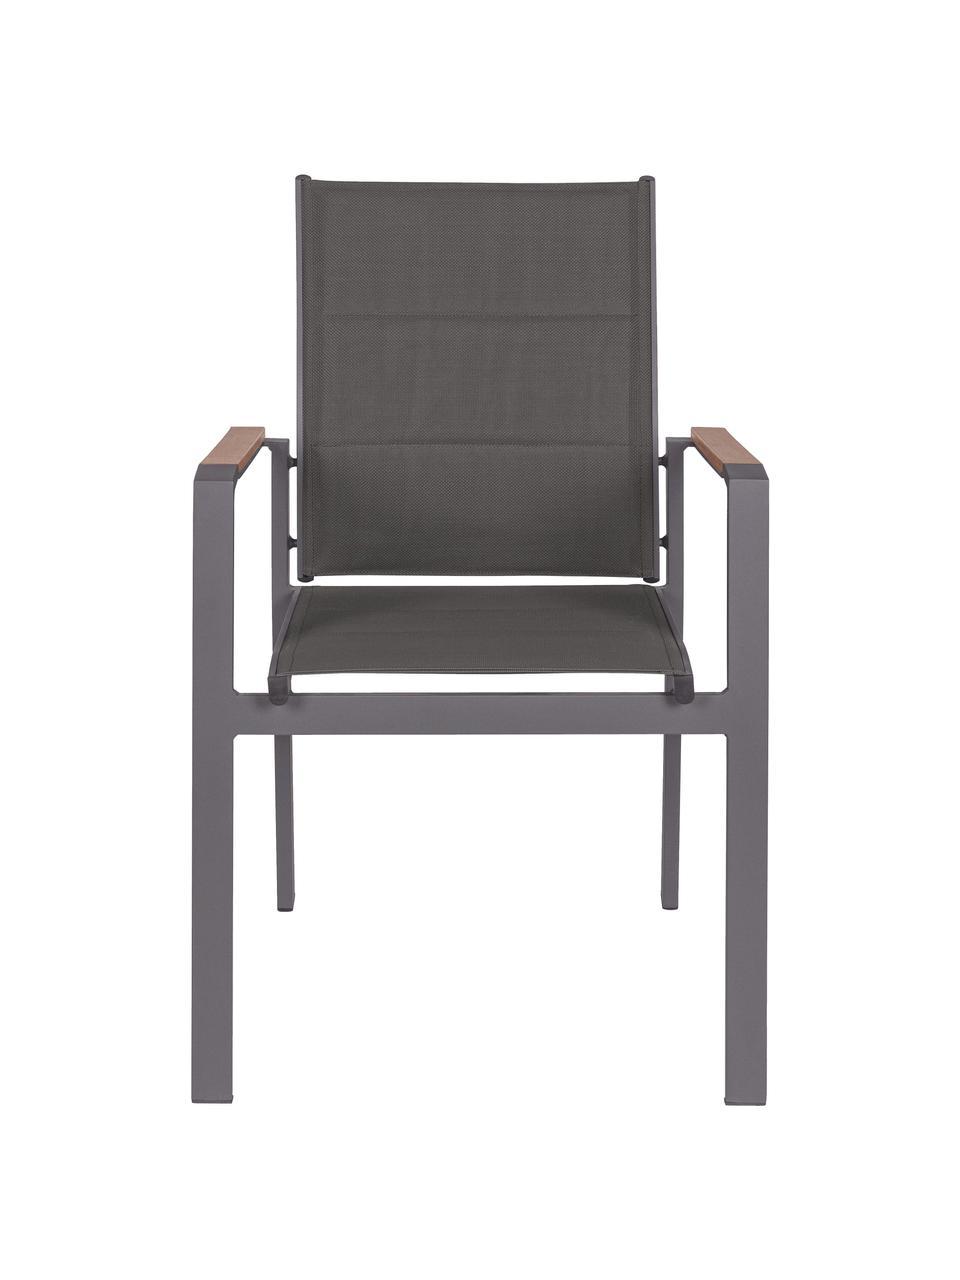 Sediacon braccioli impilabile da giardino Kubik, Struttura: alluminio verniciato a po, Seduta: textilene, Antracite, legno, Larg. 57 x Prof. 62 cm